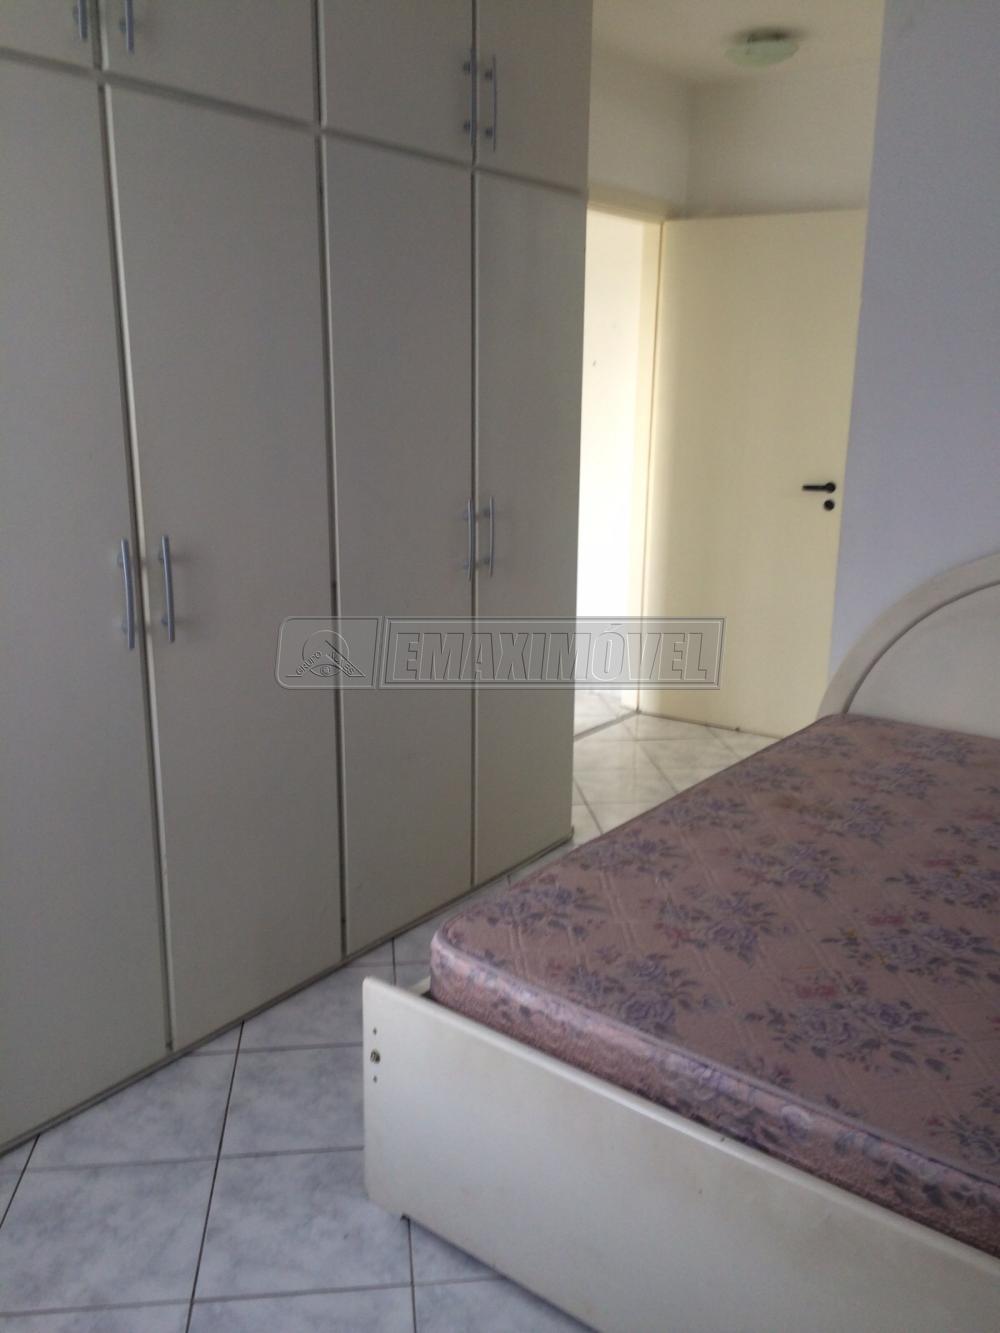 Alugar Apartamentos / Apto Padrão em Sorocaba apenas R$ 1.160,00 - Foto 15